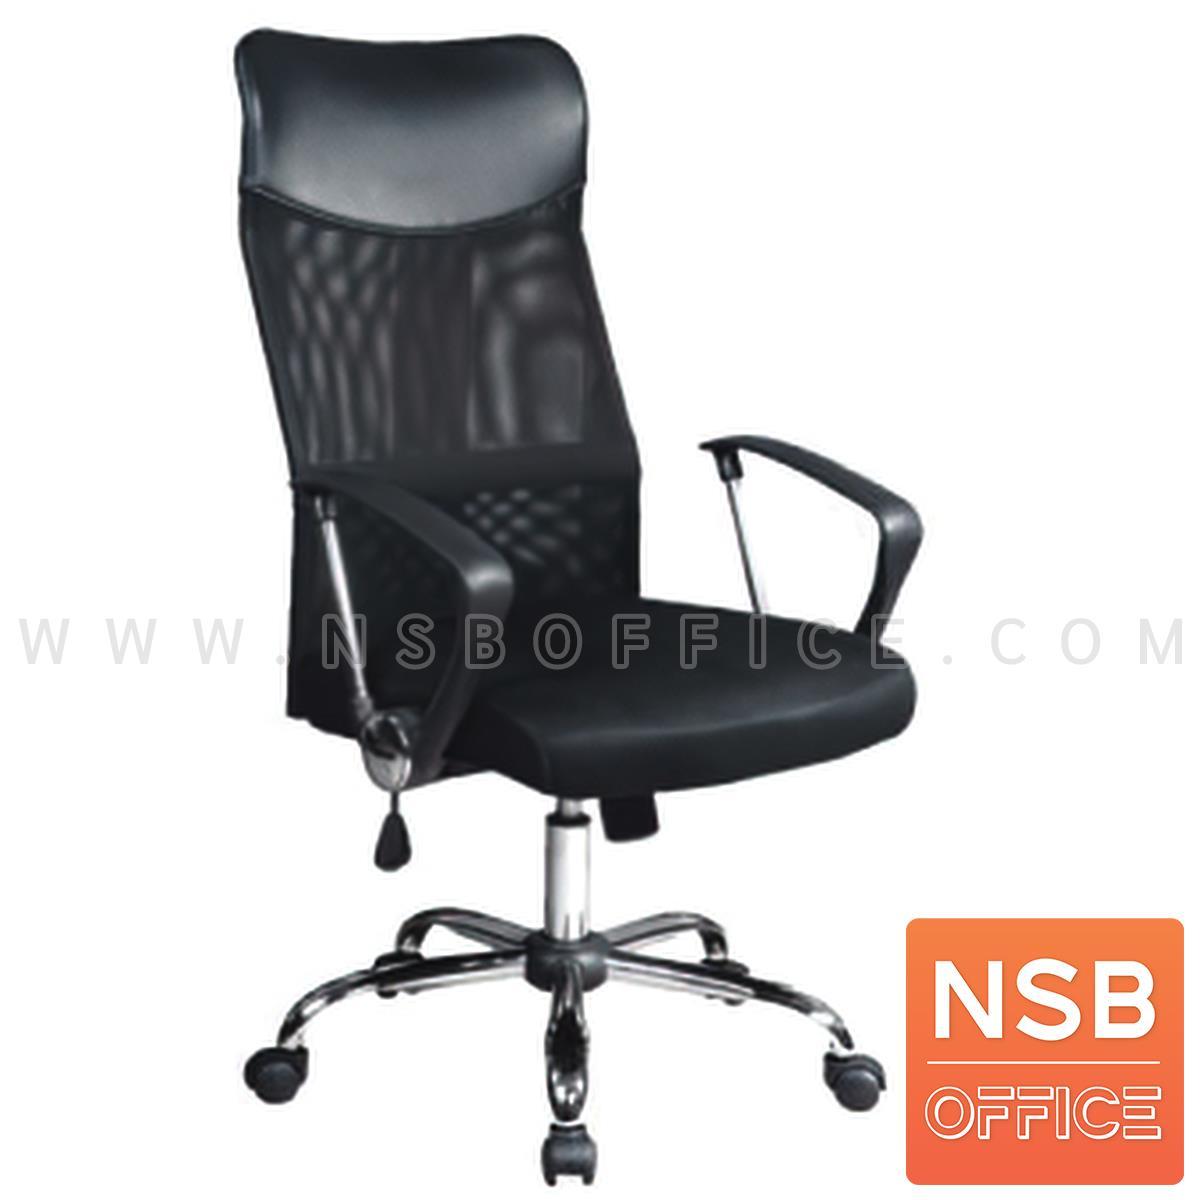 B28A129:เก้าอี้ผู้บริหารหนังเน็ต รุ่น Hosney (ฮอสนีย์)  โช๊คแก๊ส ก้อนโยก ขาเหล็กชุบโครเมี่ยม